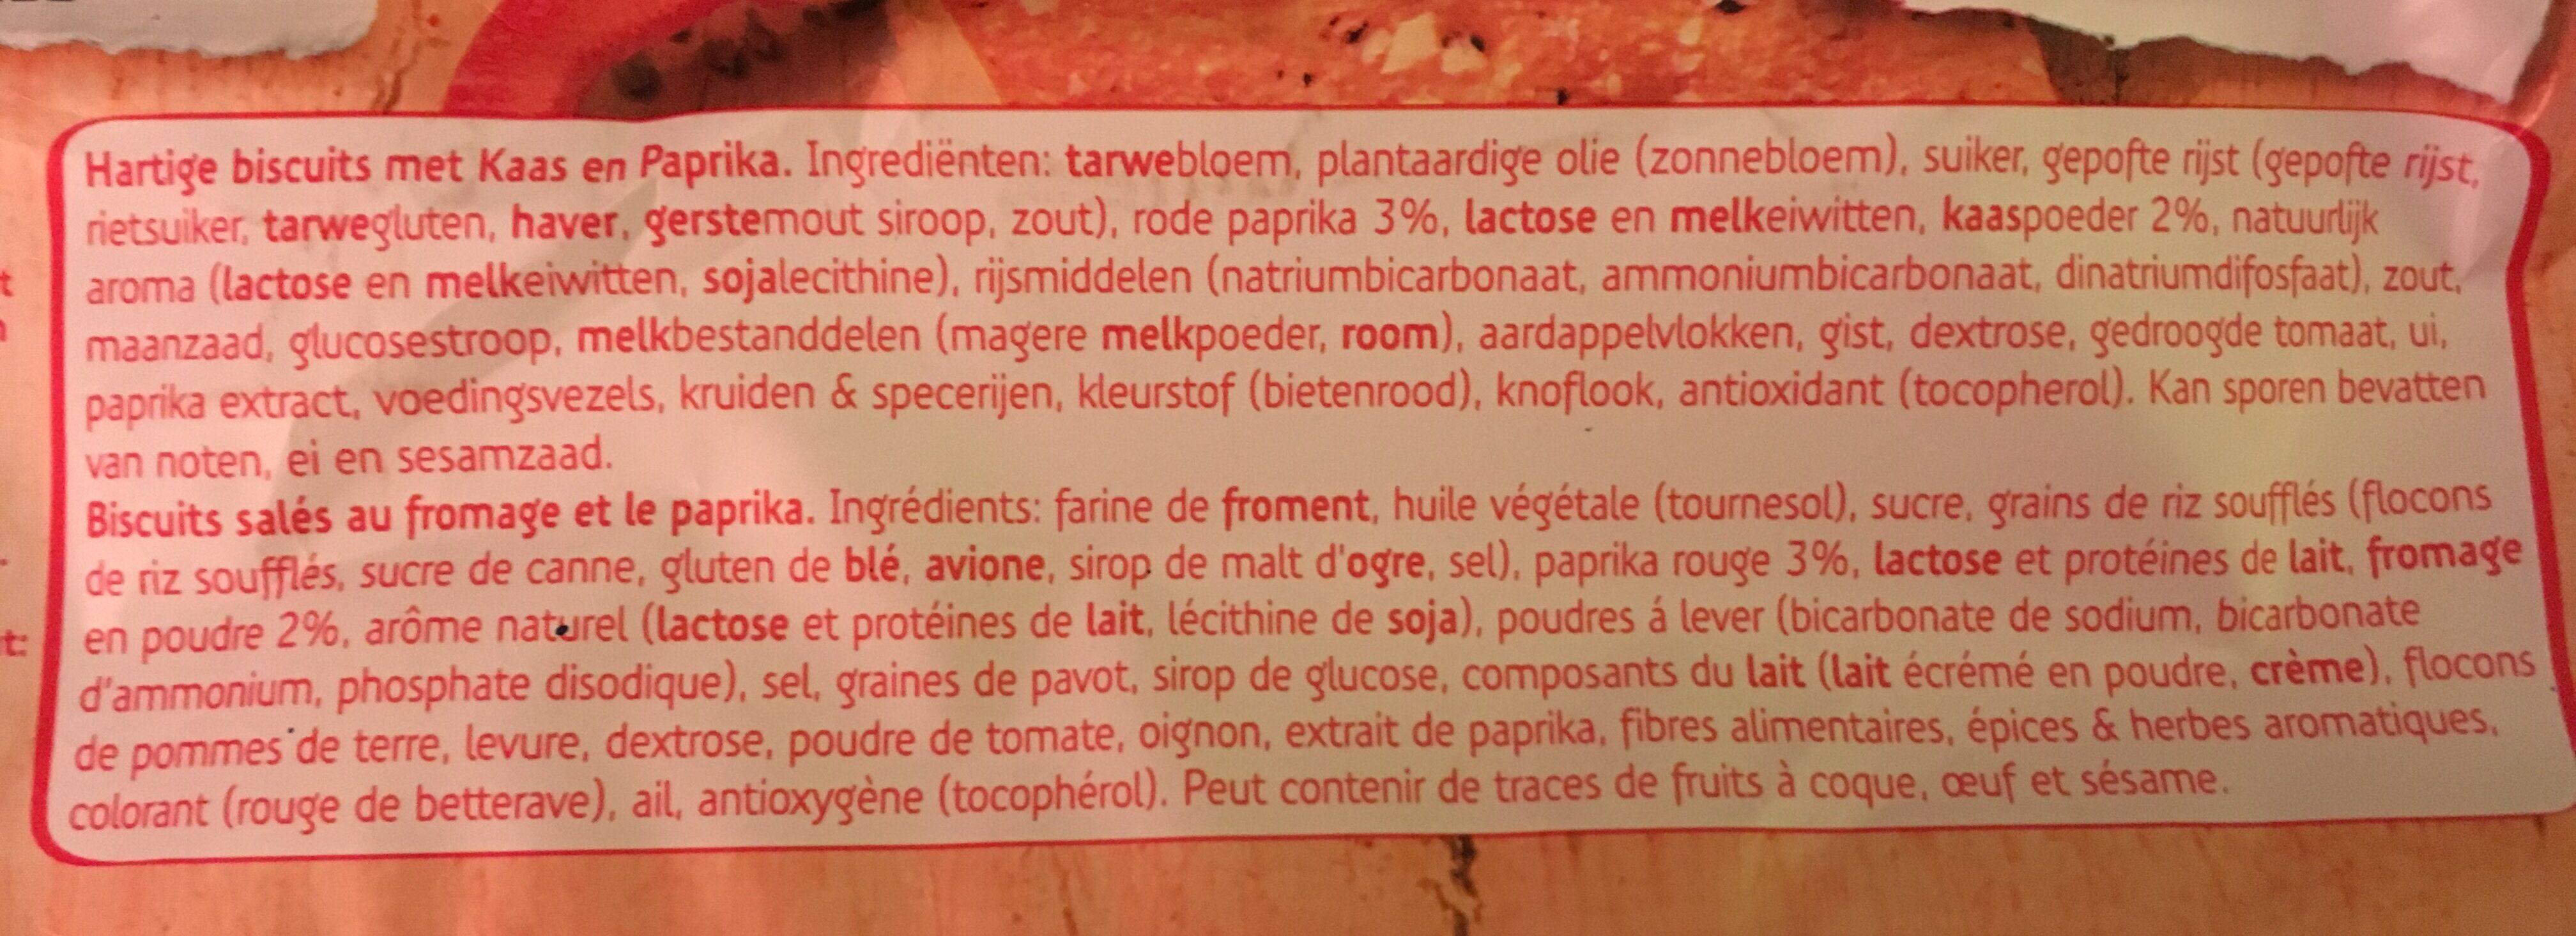 Sultana Crunchers Hartig Paprika - Ingrédients - fr